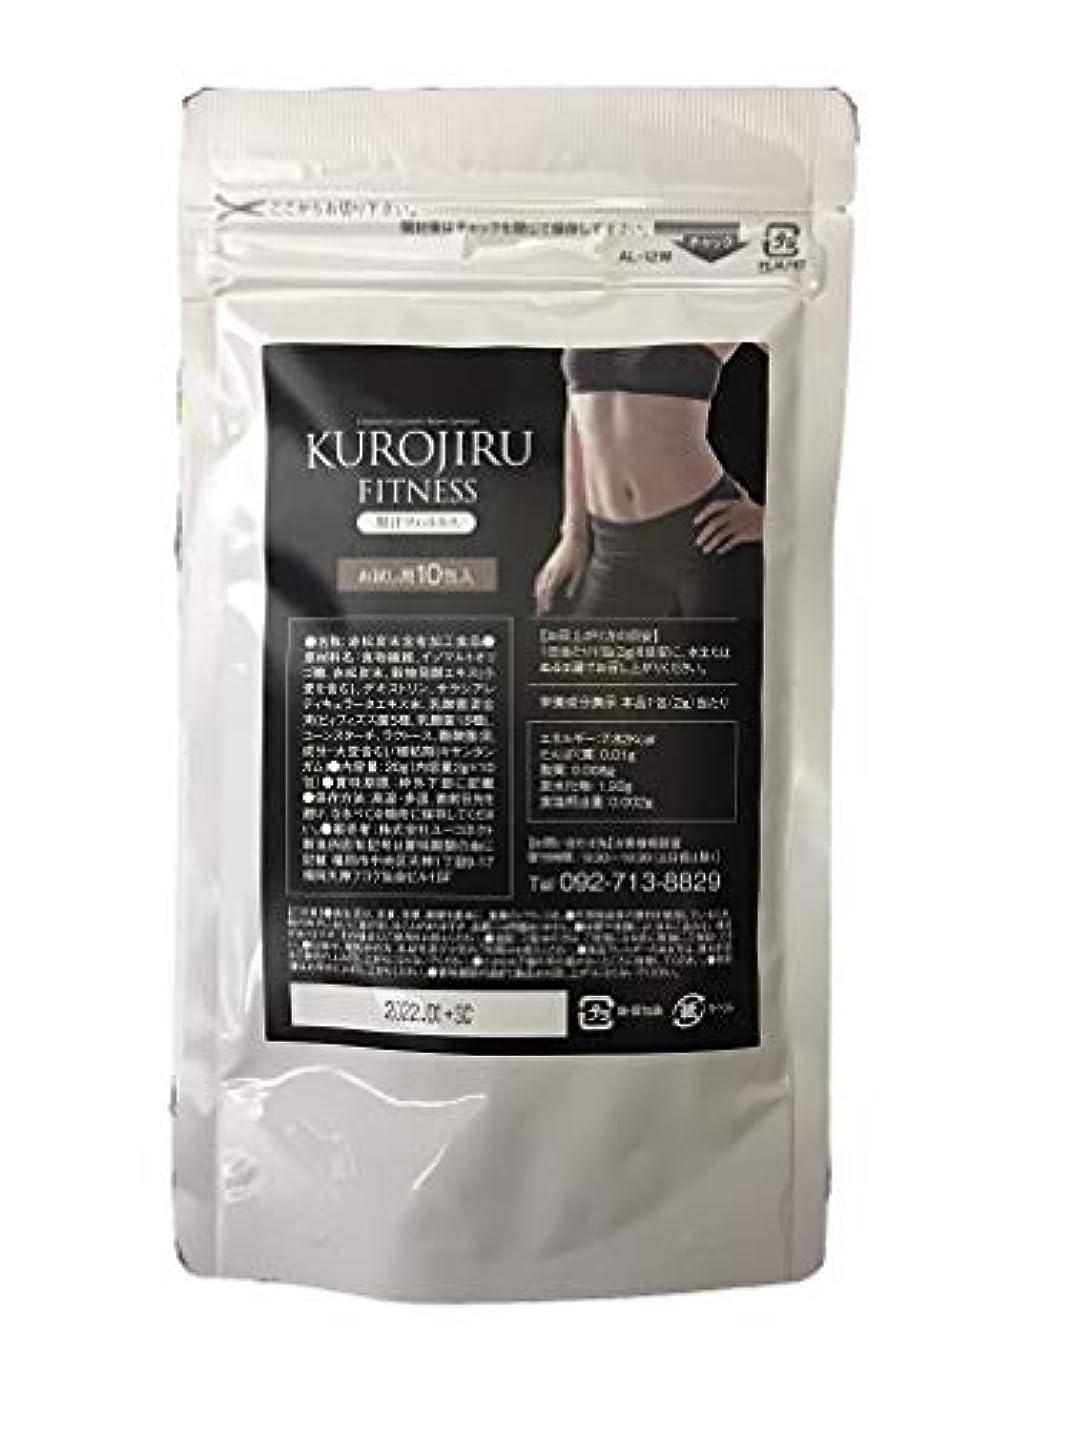 見物人栄光のりんご黒汁フィットネス(KUROJIRU FITNESS) 10包 チャコールクレンズ 赤松活性炭 オリゴ糖 サラシアエキス 酵素